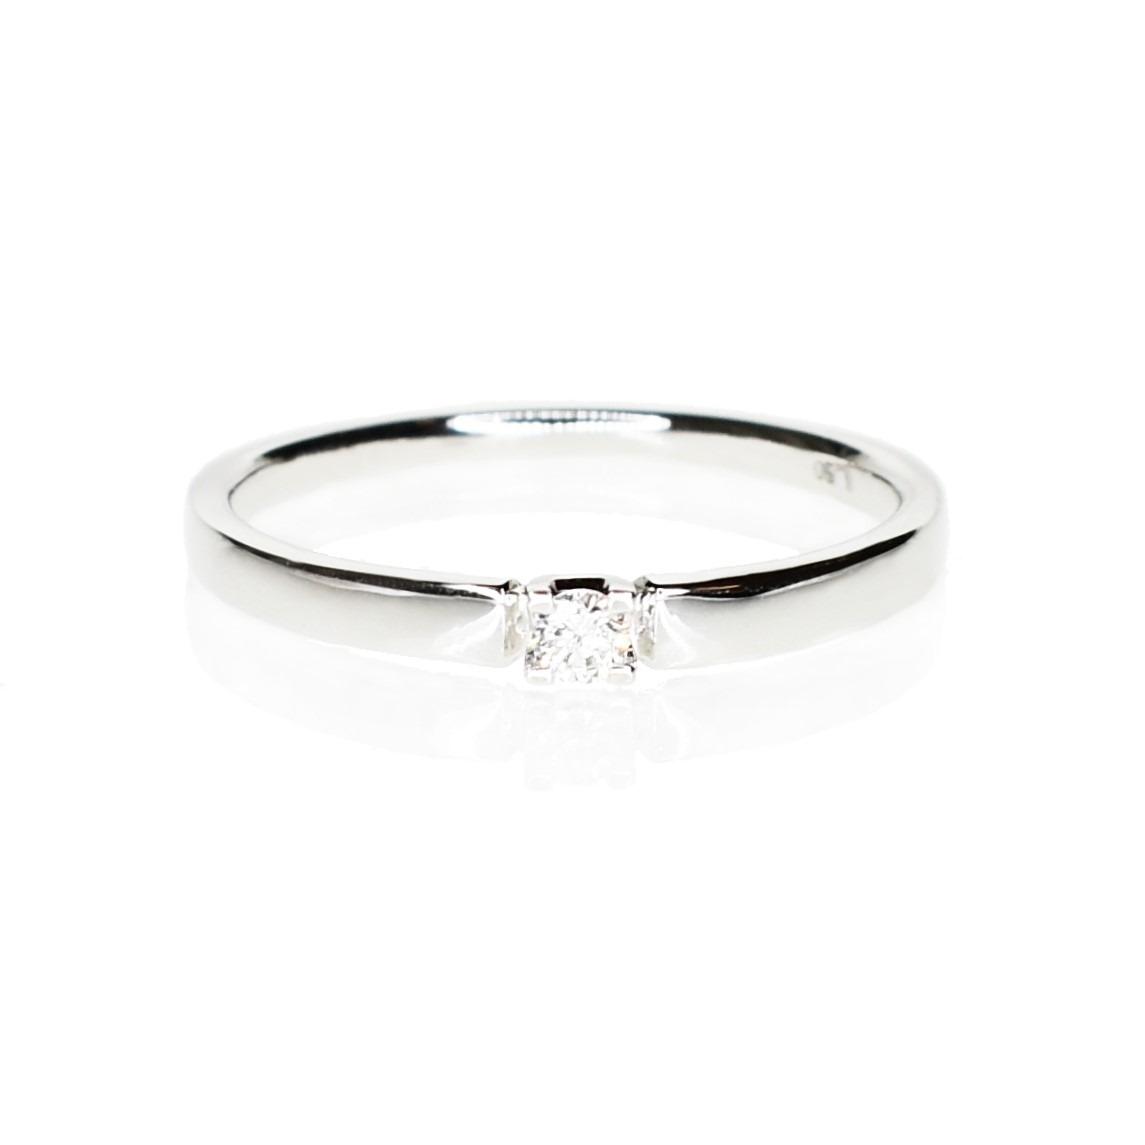 2a1d6b45298e Anillo Compromiso Diamante Solitario Oro Blanco 18 Kts. -   26.100 ...